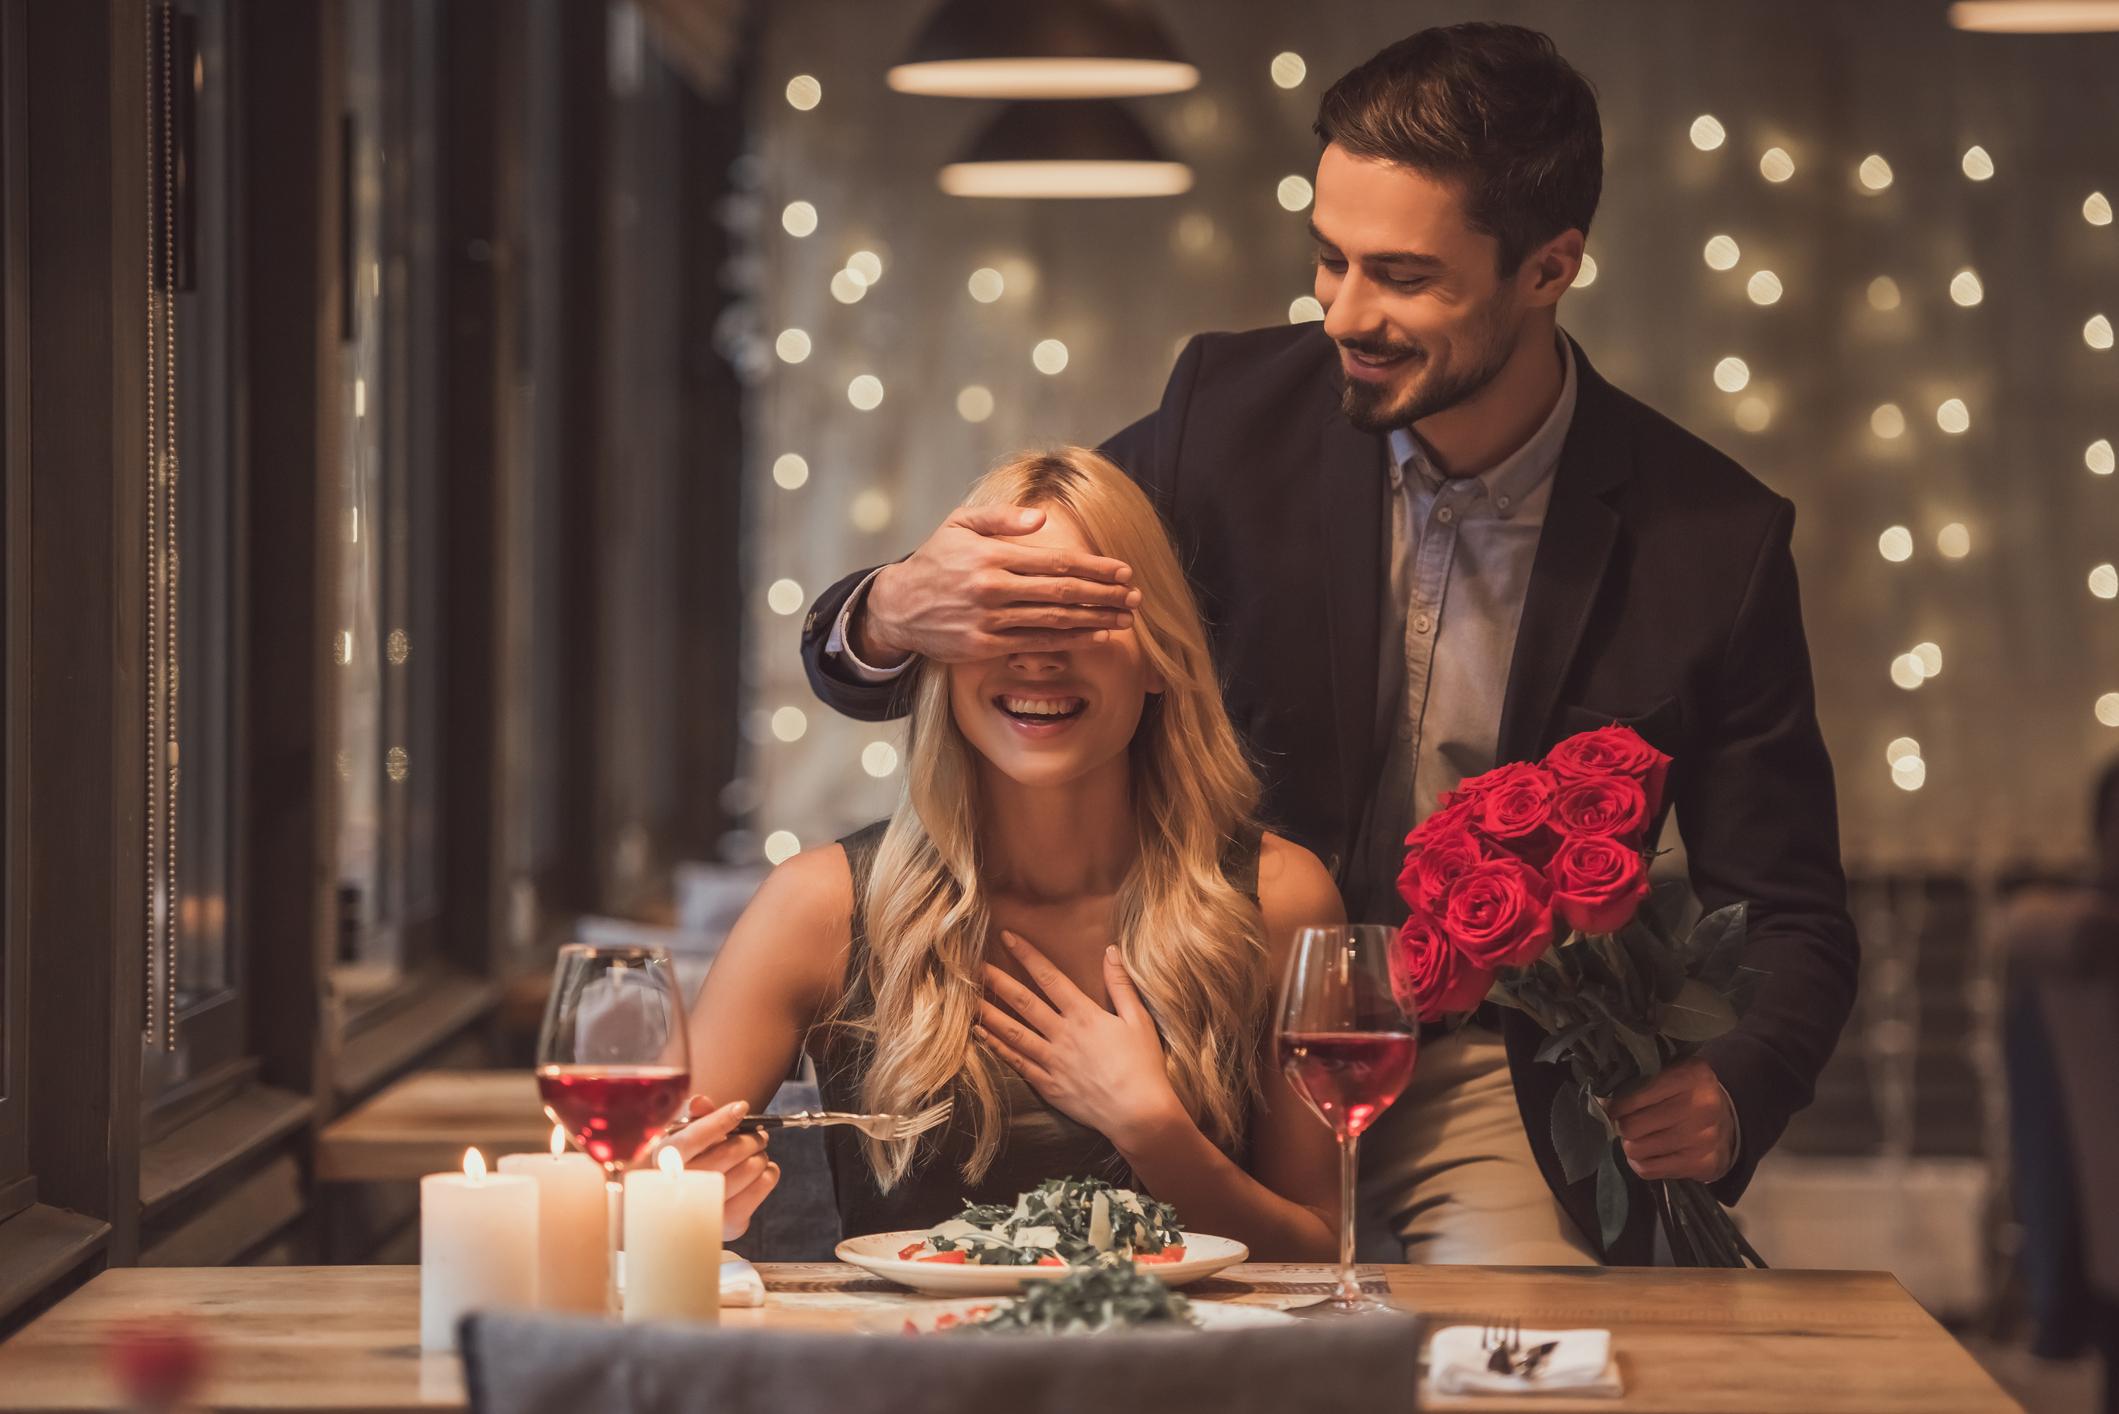 Да забравят малките неща<br /> Съвместният живот често превръща присъствието на другия в даденост и дори навик. Флиртуването и комплиментите намаляват, а с това връзката в един момент може да ви се стори скучна. За да избегнете това, продължете с ходенето на срещи, комплиментите и малките подаръци.